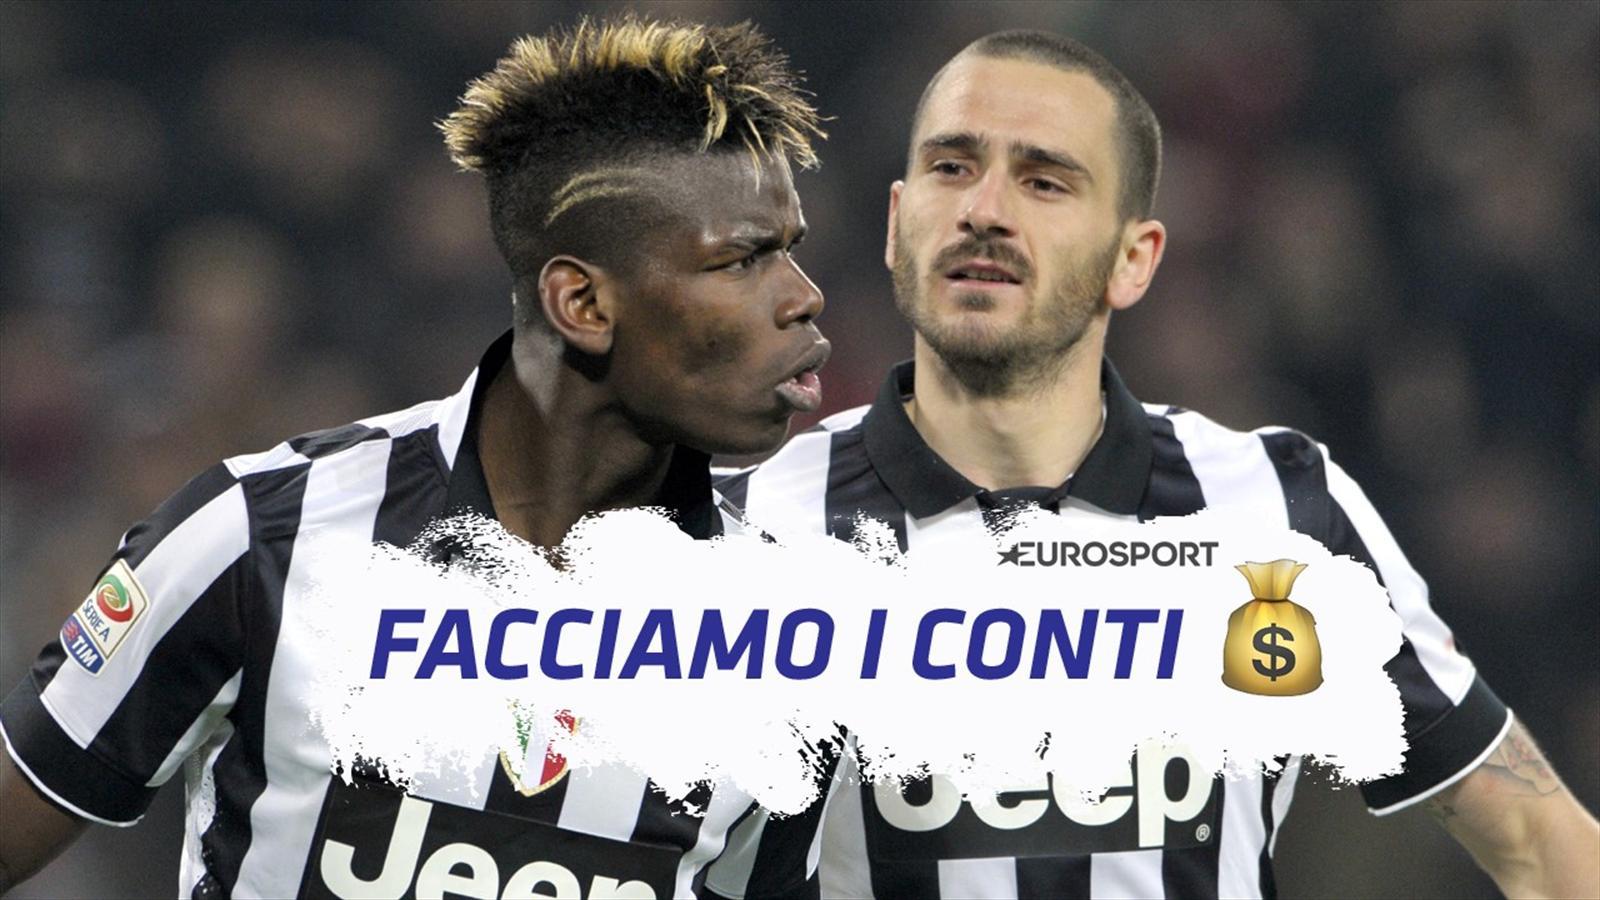 Facciamo i conti: la Juventus può far mercato anche senza vendere Bonucci o Pogba